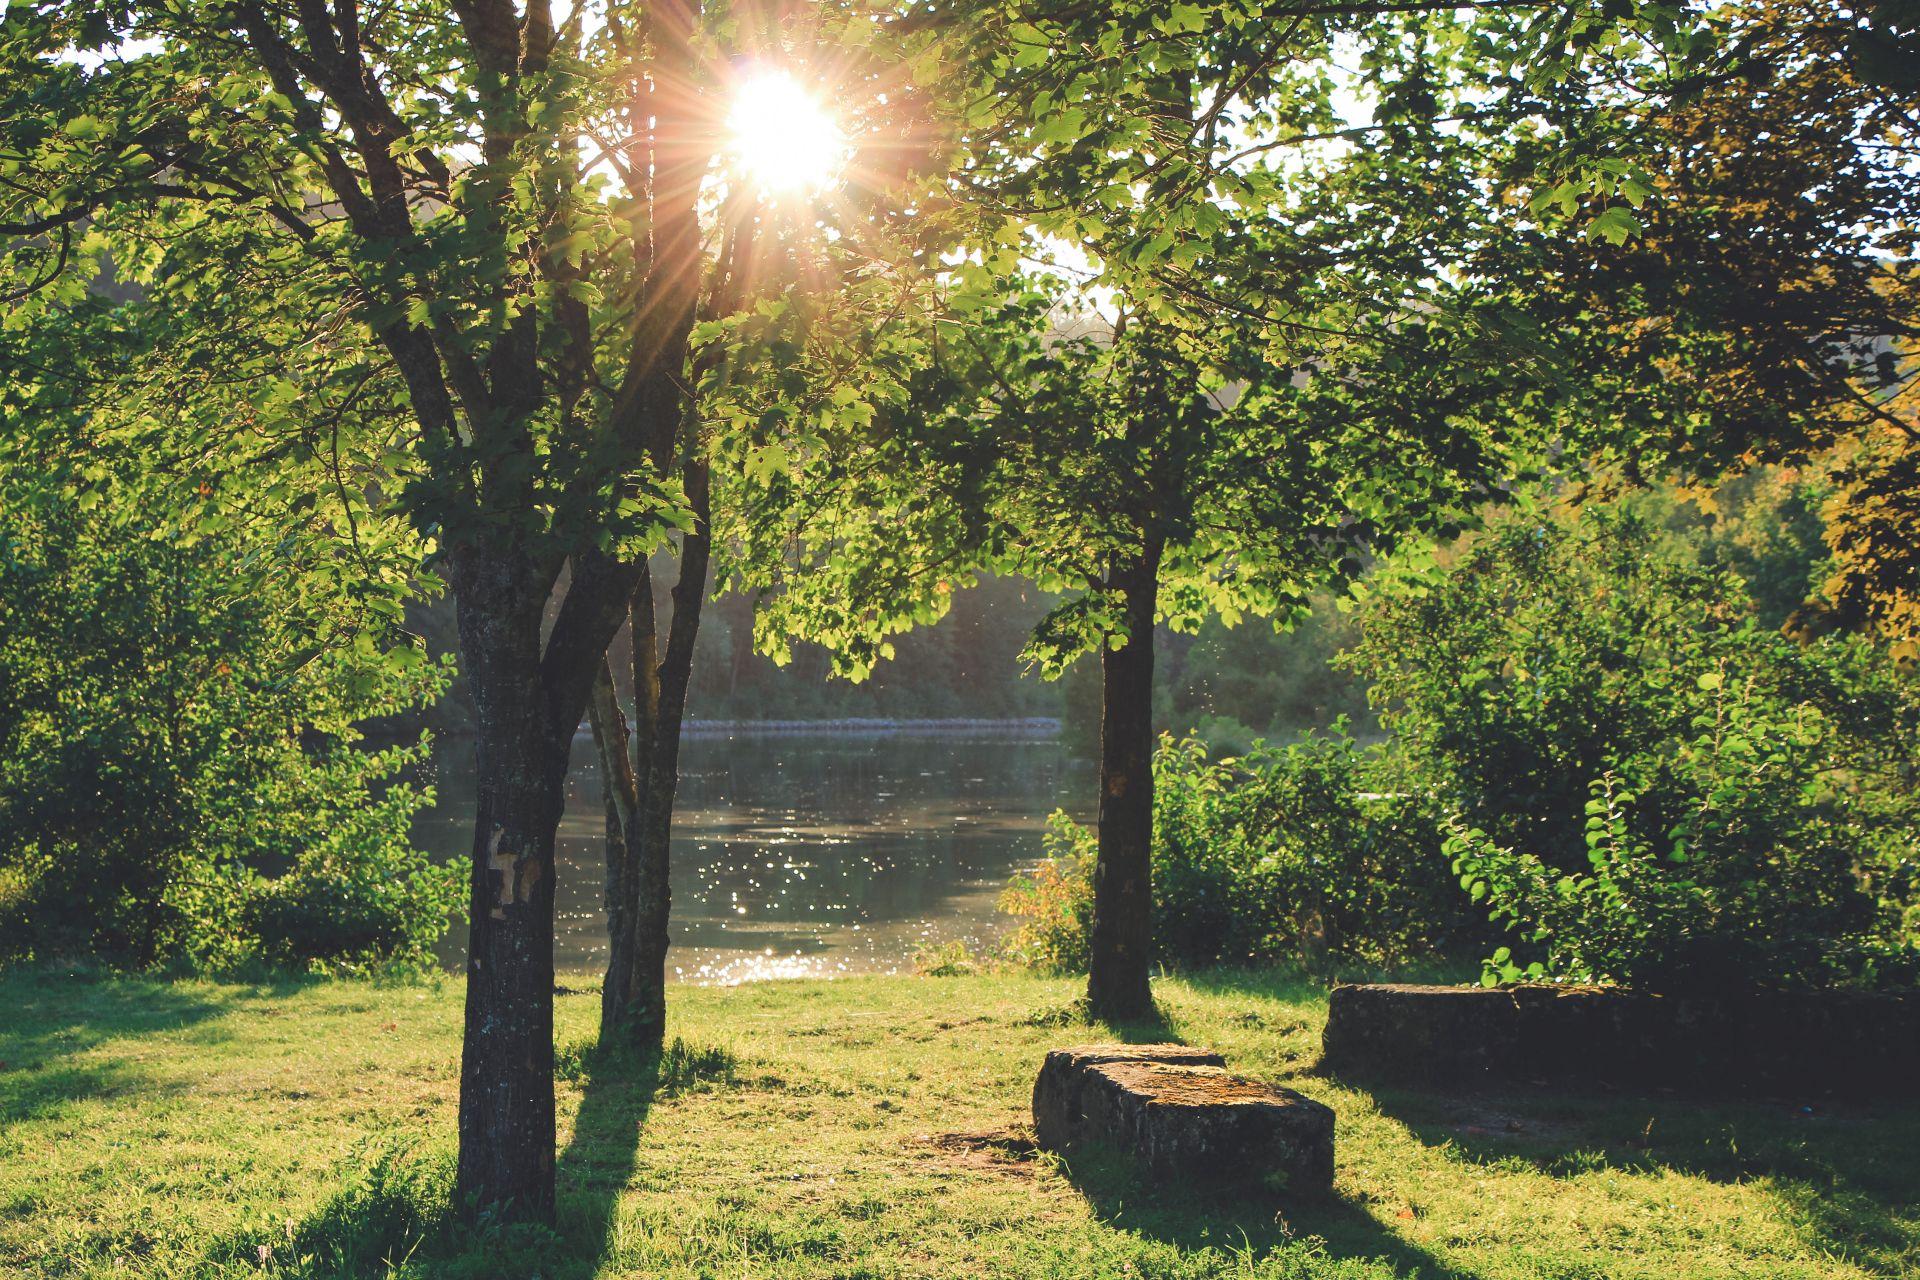 Sommerliche Idylle am Kanal in Essing im Altmühltal